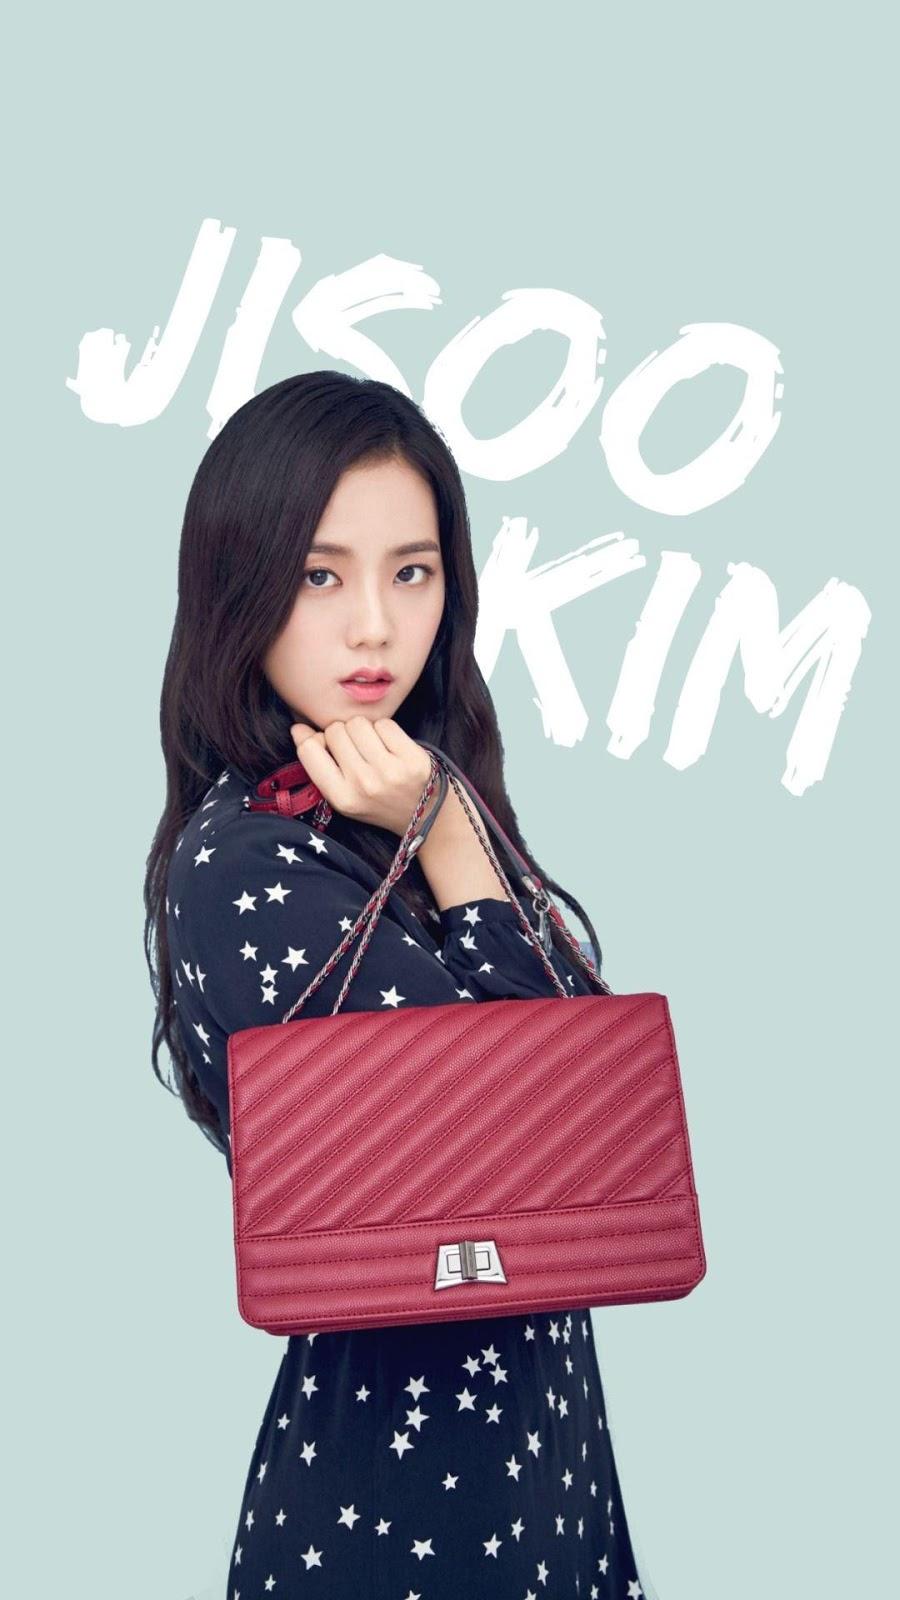 Blackpink Jisoo Wallpaper